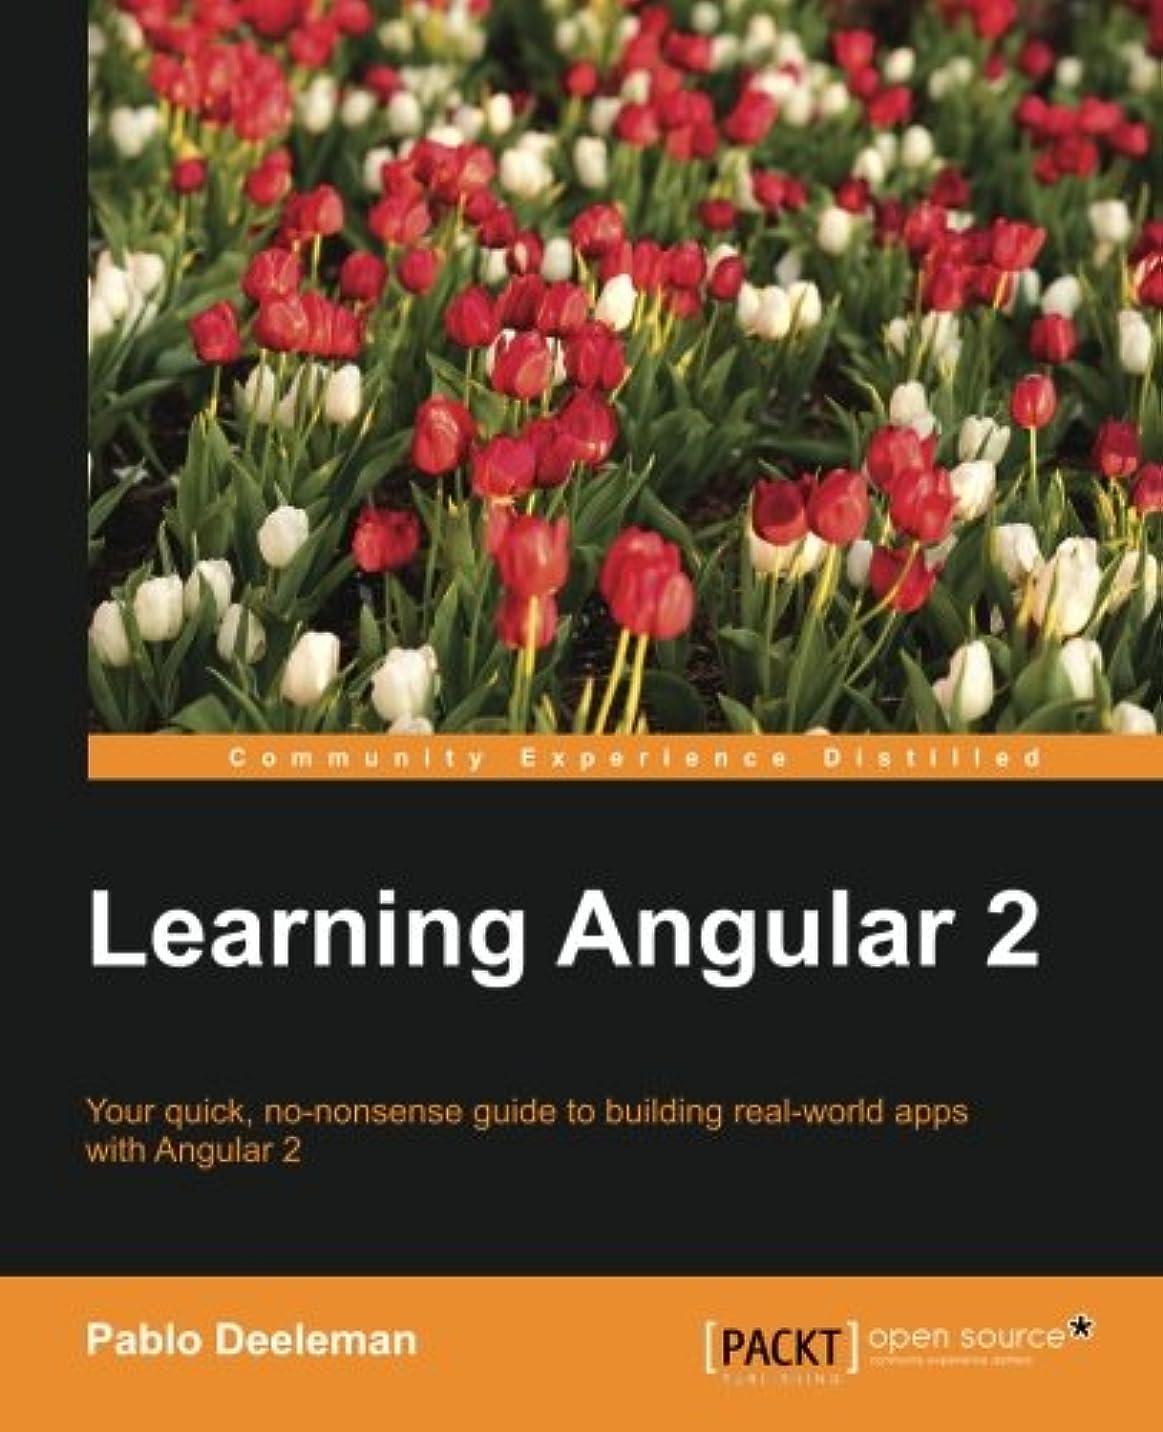 行政楽しい鎮痛剤Learning Angular 2